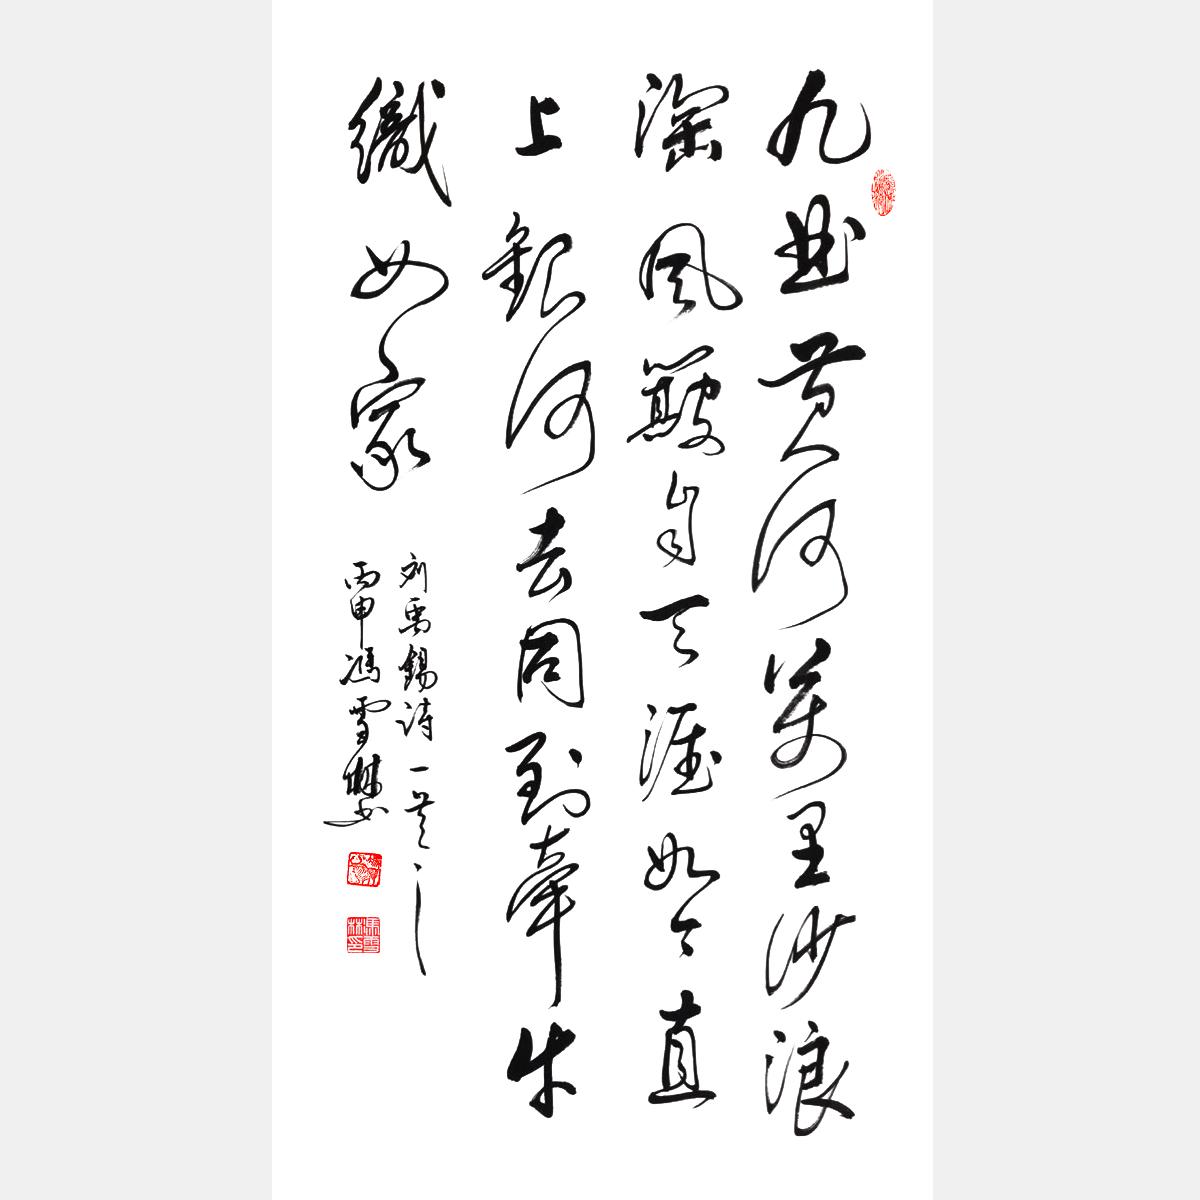 刘禹锡《浪淘沙九首·其一》九曲黄河万里沙 草书书法作品欣赏